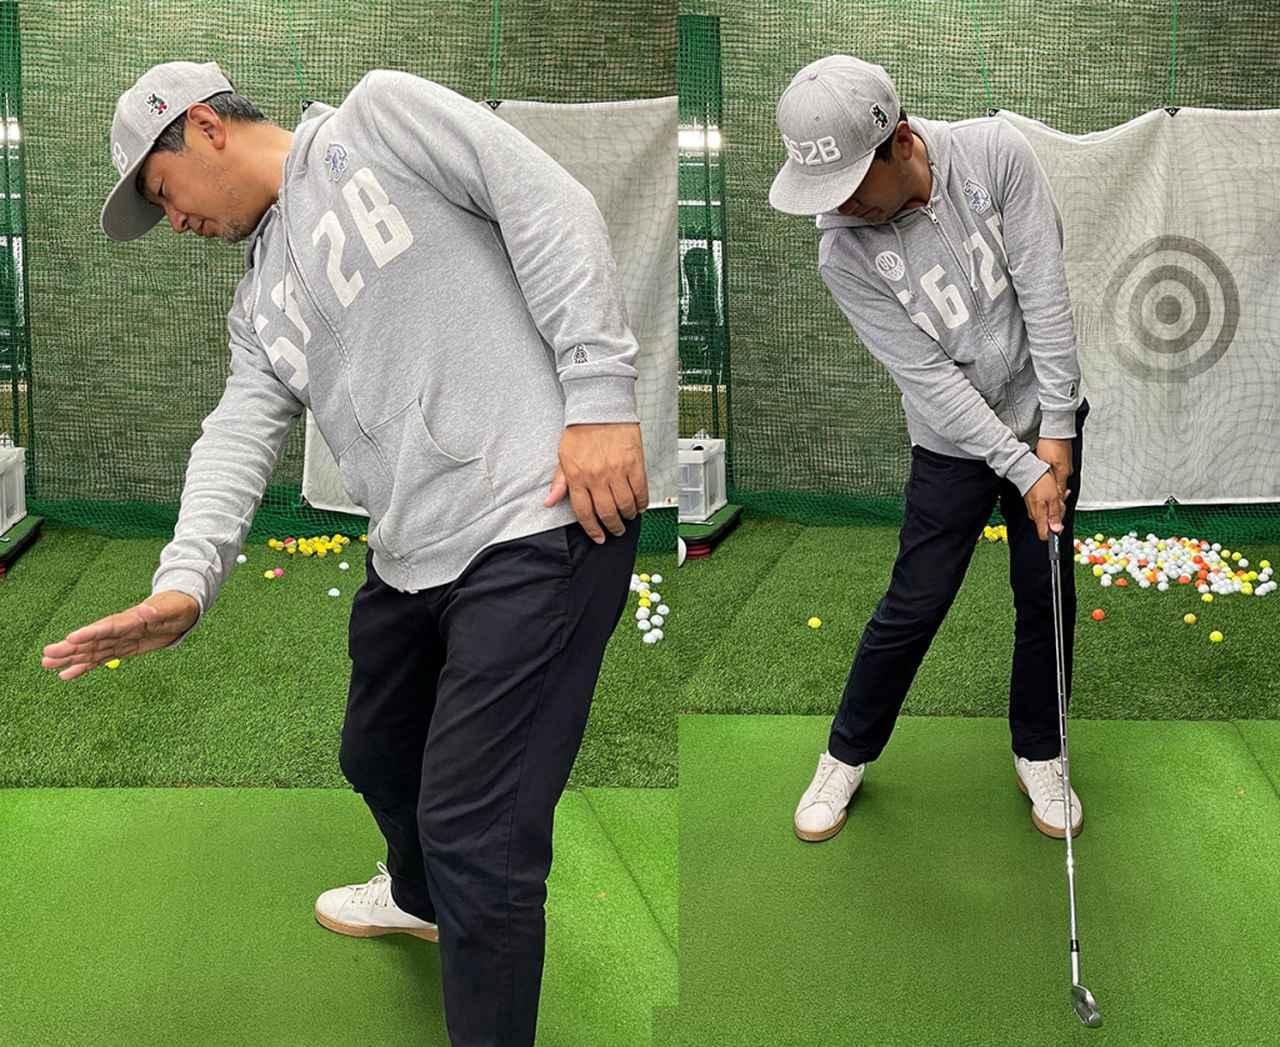 画像: 右手を下に向けるようなイメージで、ロフトを立てながら打っていく。体の正面で打つようにするとボールが捕まって飛距離が出る